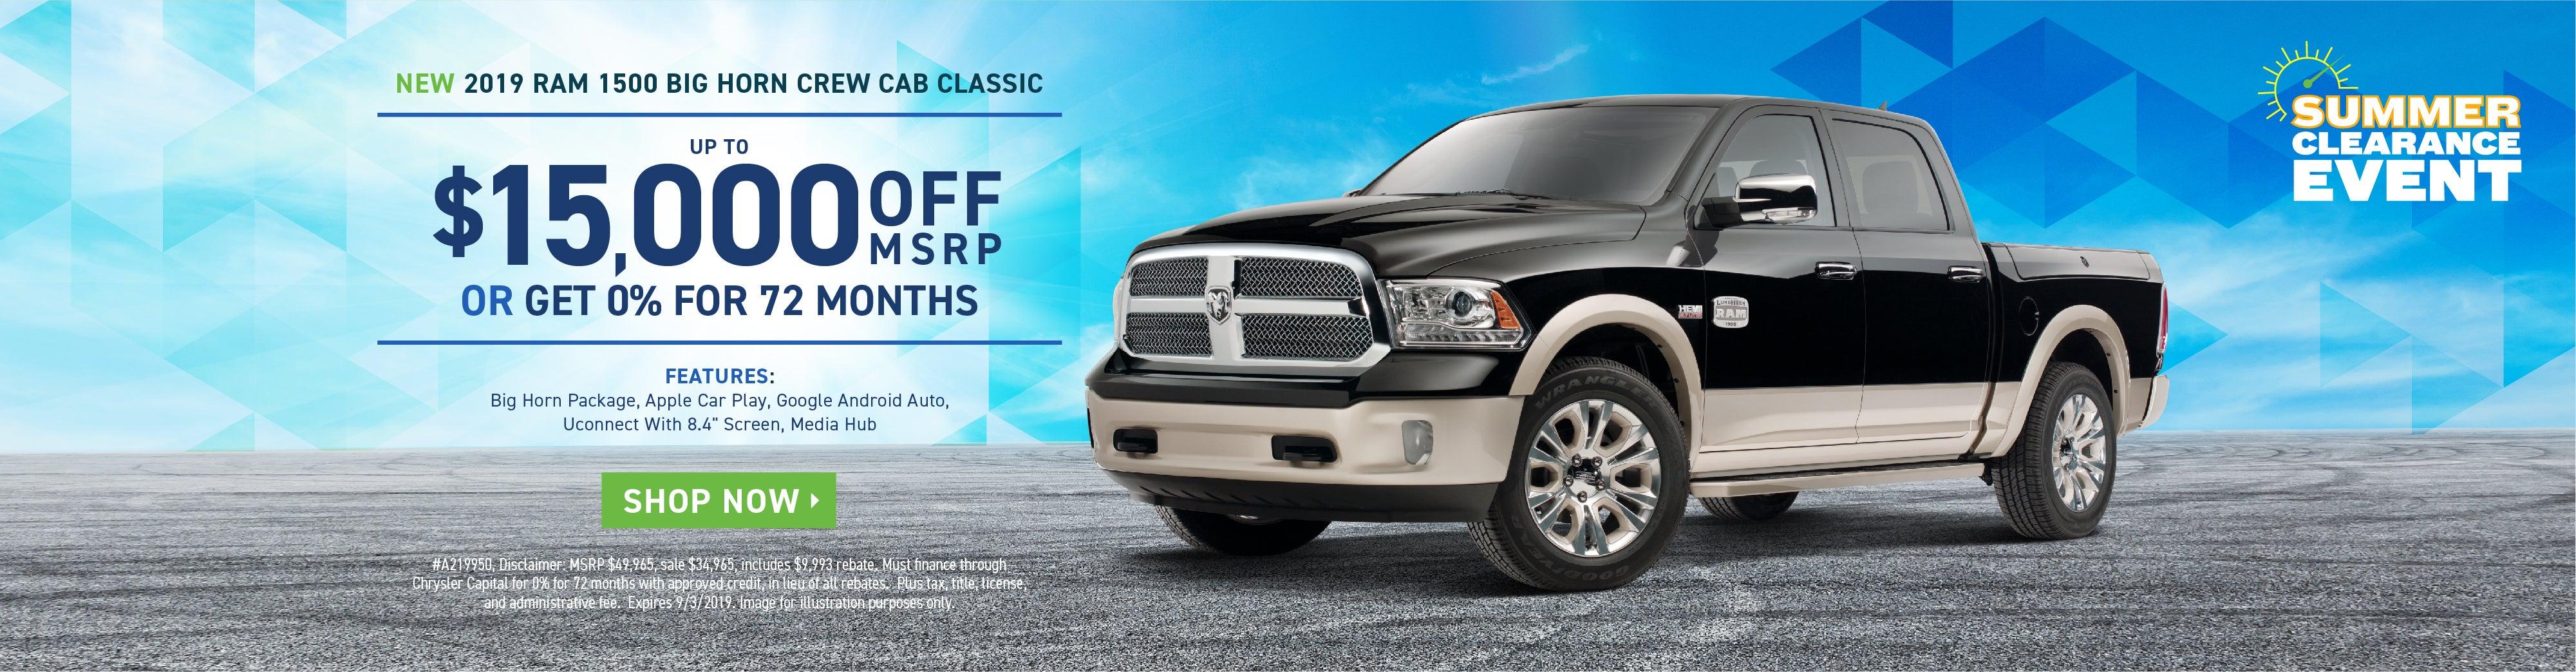 Car Dealer Wichita, KS | New and Used Cars | Davis-Moore Chrysler